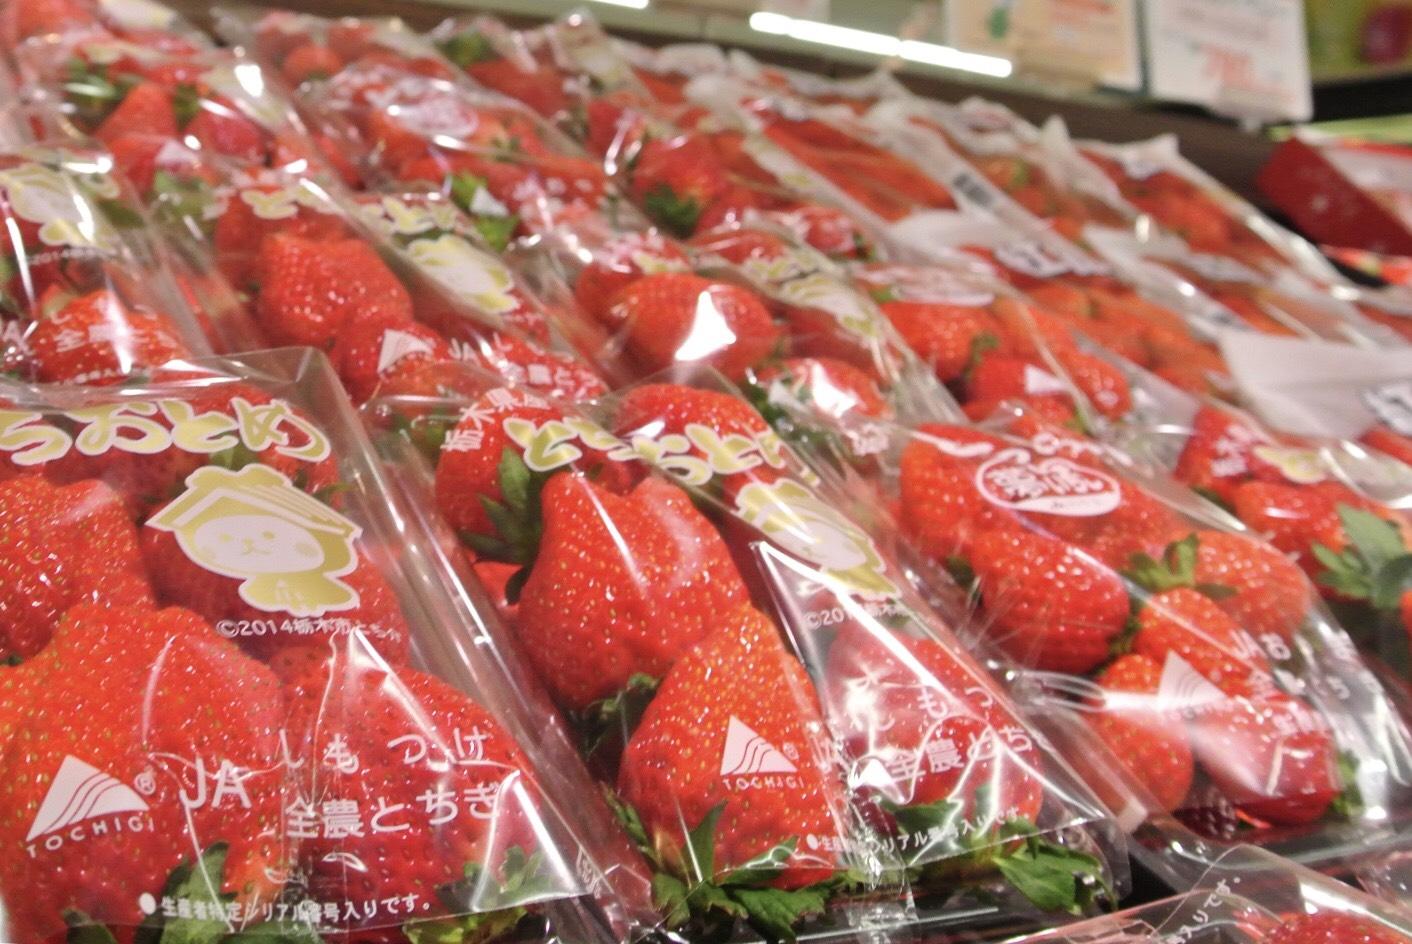 スーパー一面に並ぶ旬のイチゴ